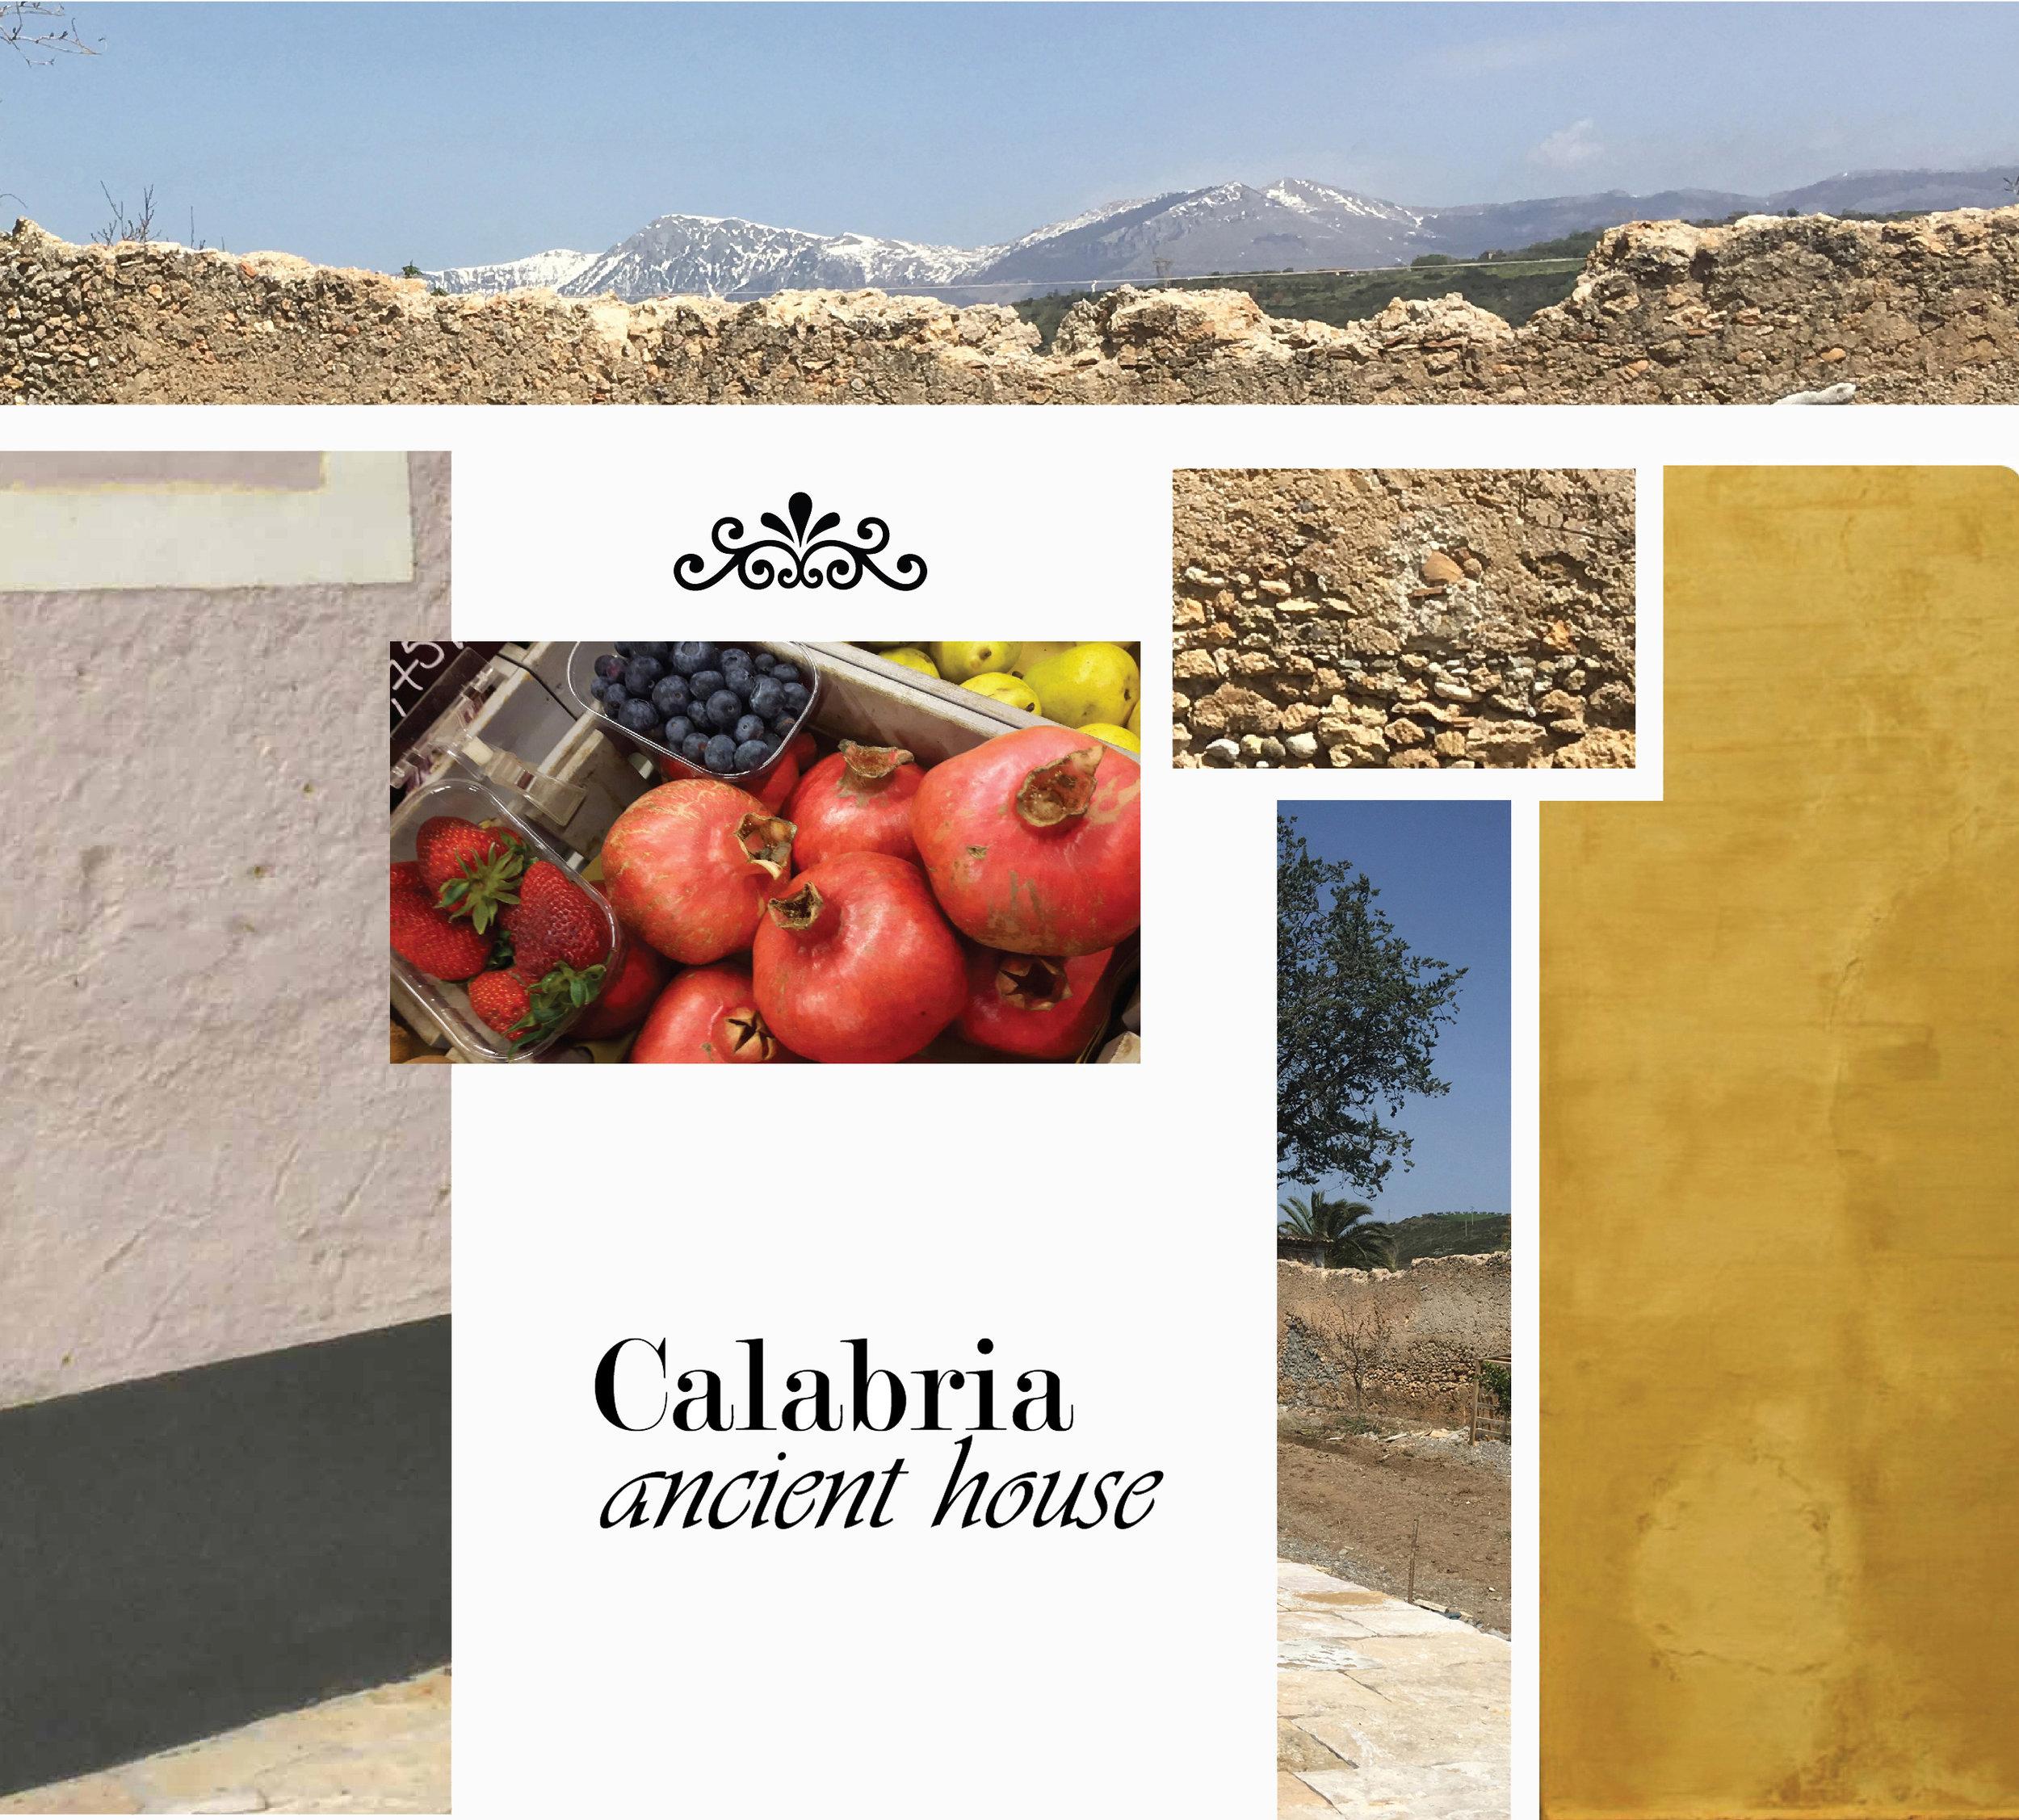 033_thumbnail_casale in calabria_02_01_2019-01.jpg